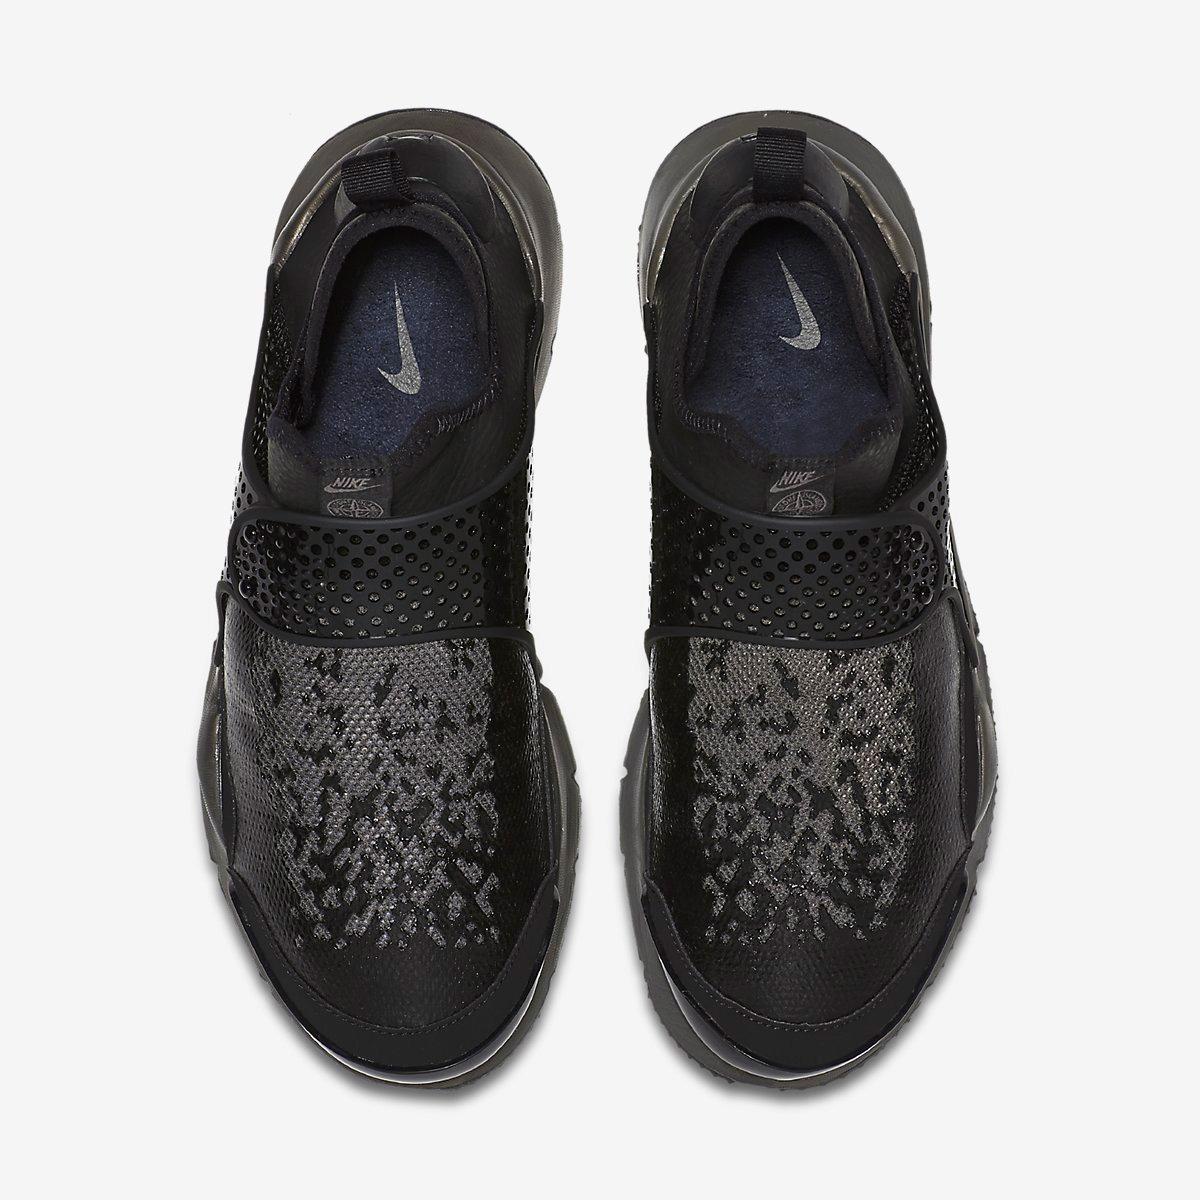 a4c9f22279289 Stone Island x Nike Sock Dart MID – Black